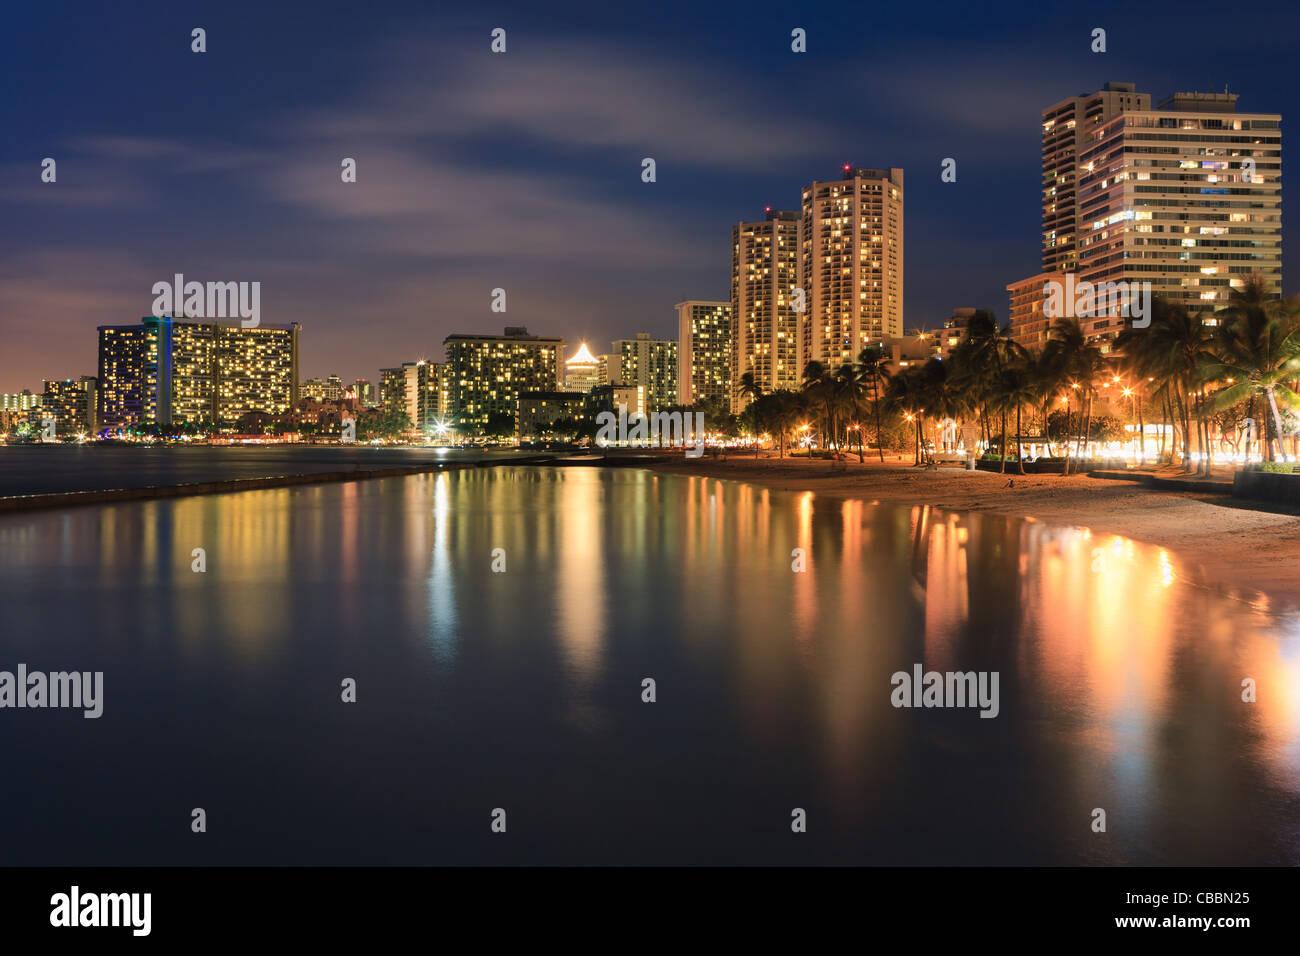 Sunset at famous Waikiki Beach, Honolulu, Oahu, Hawaii - Stock Image